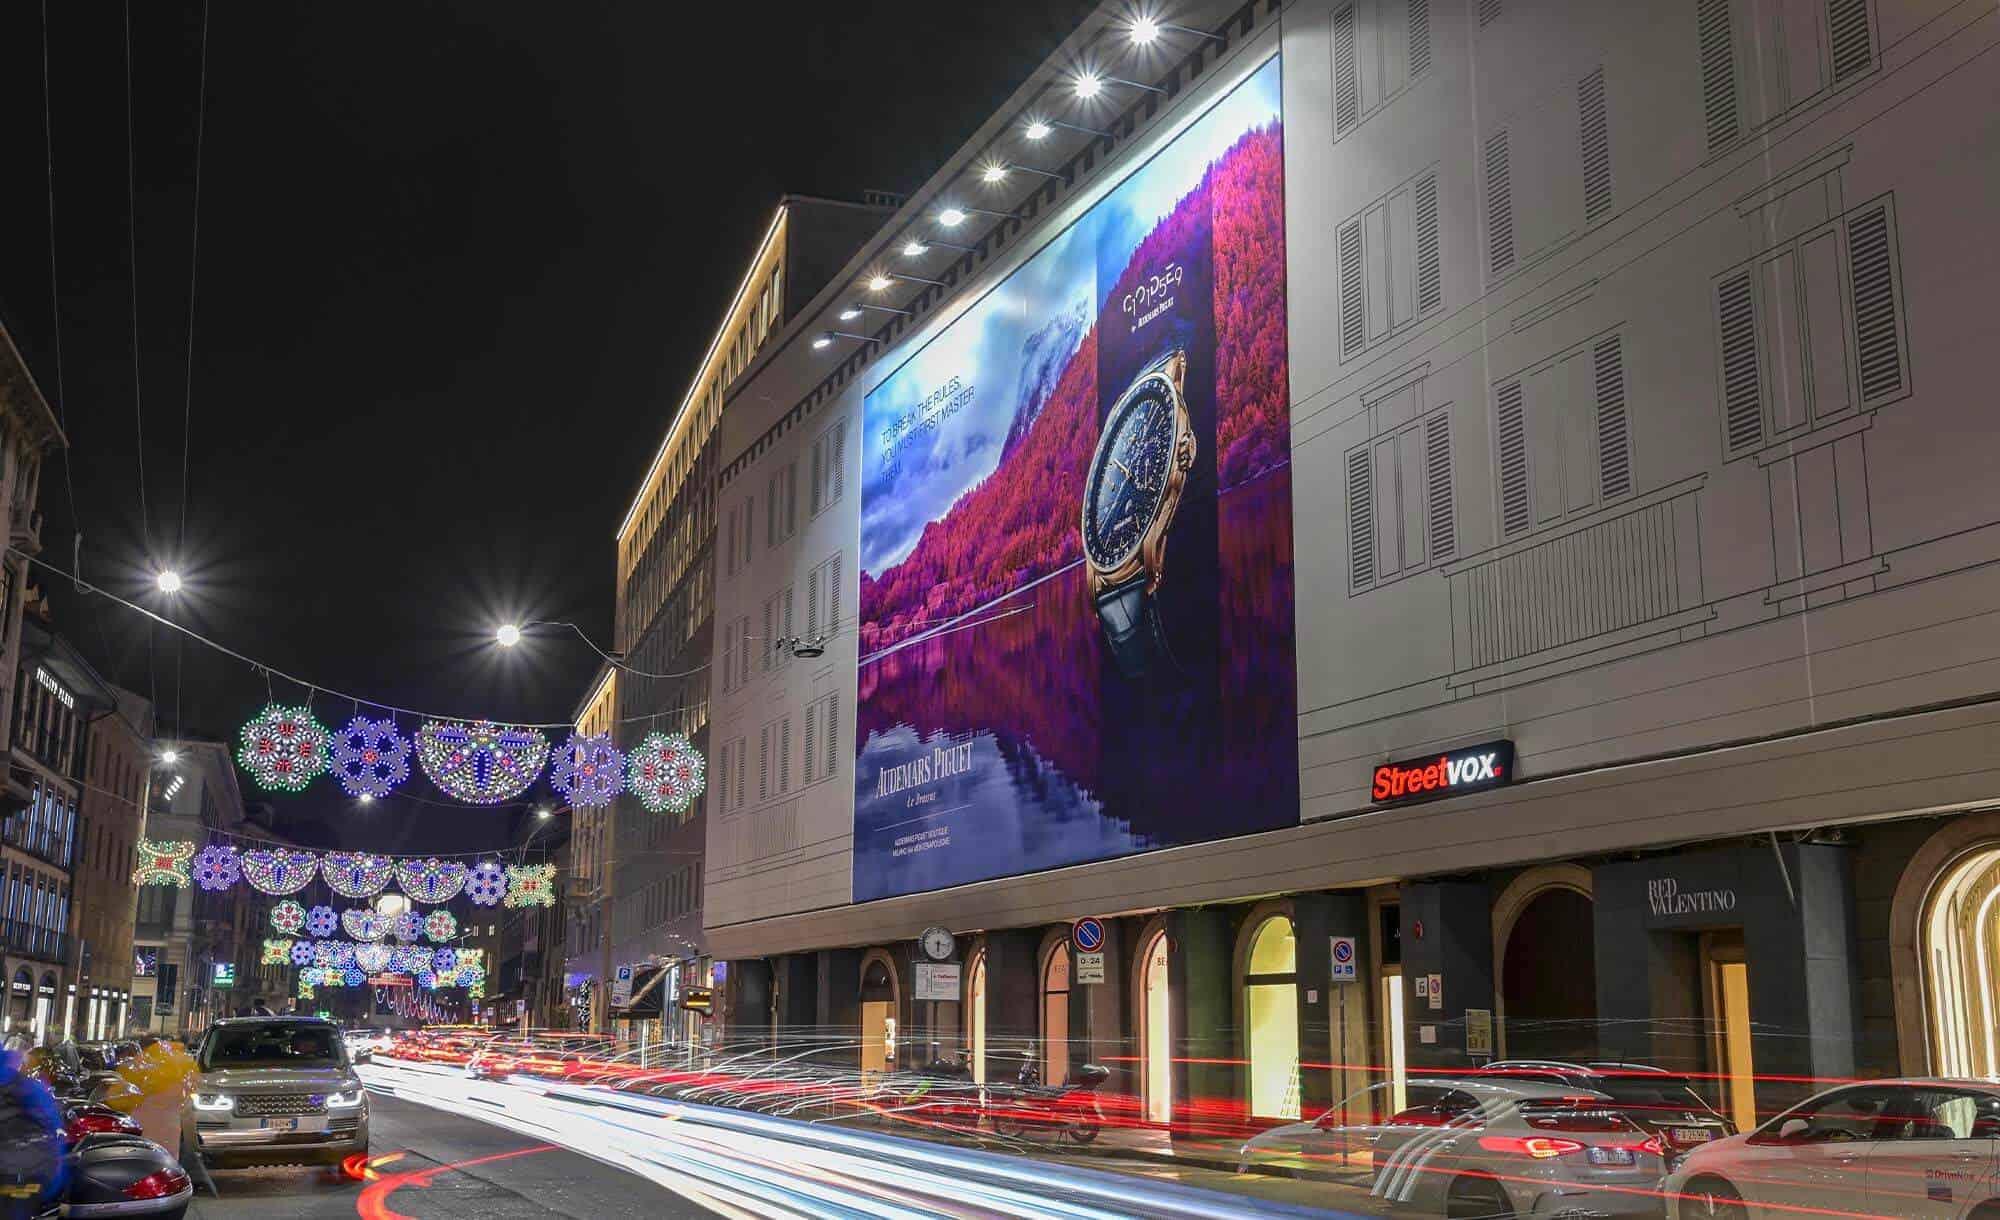 Maxi Affissione Streetvox in Venezia 6 Milano Audemart Piguet